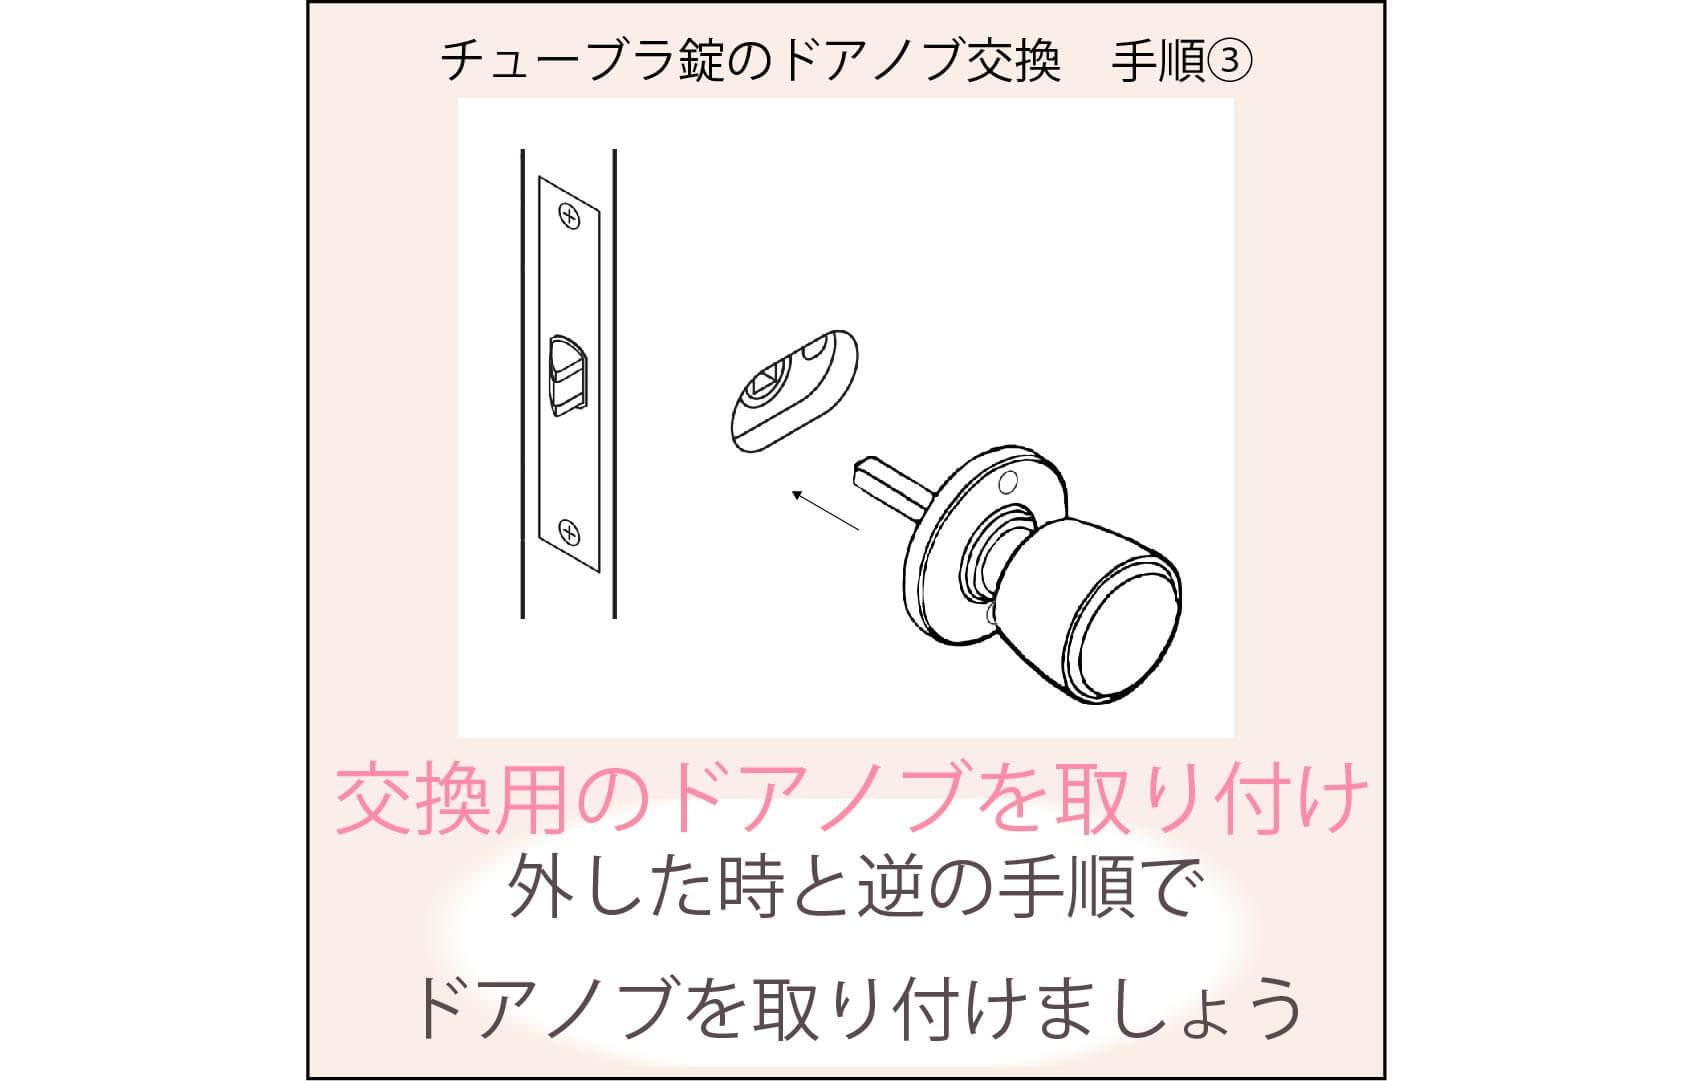 チューブラ錠の交換手順③